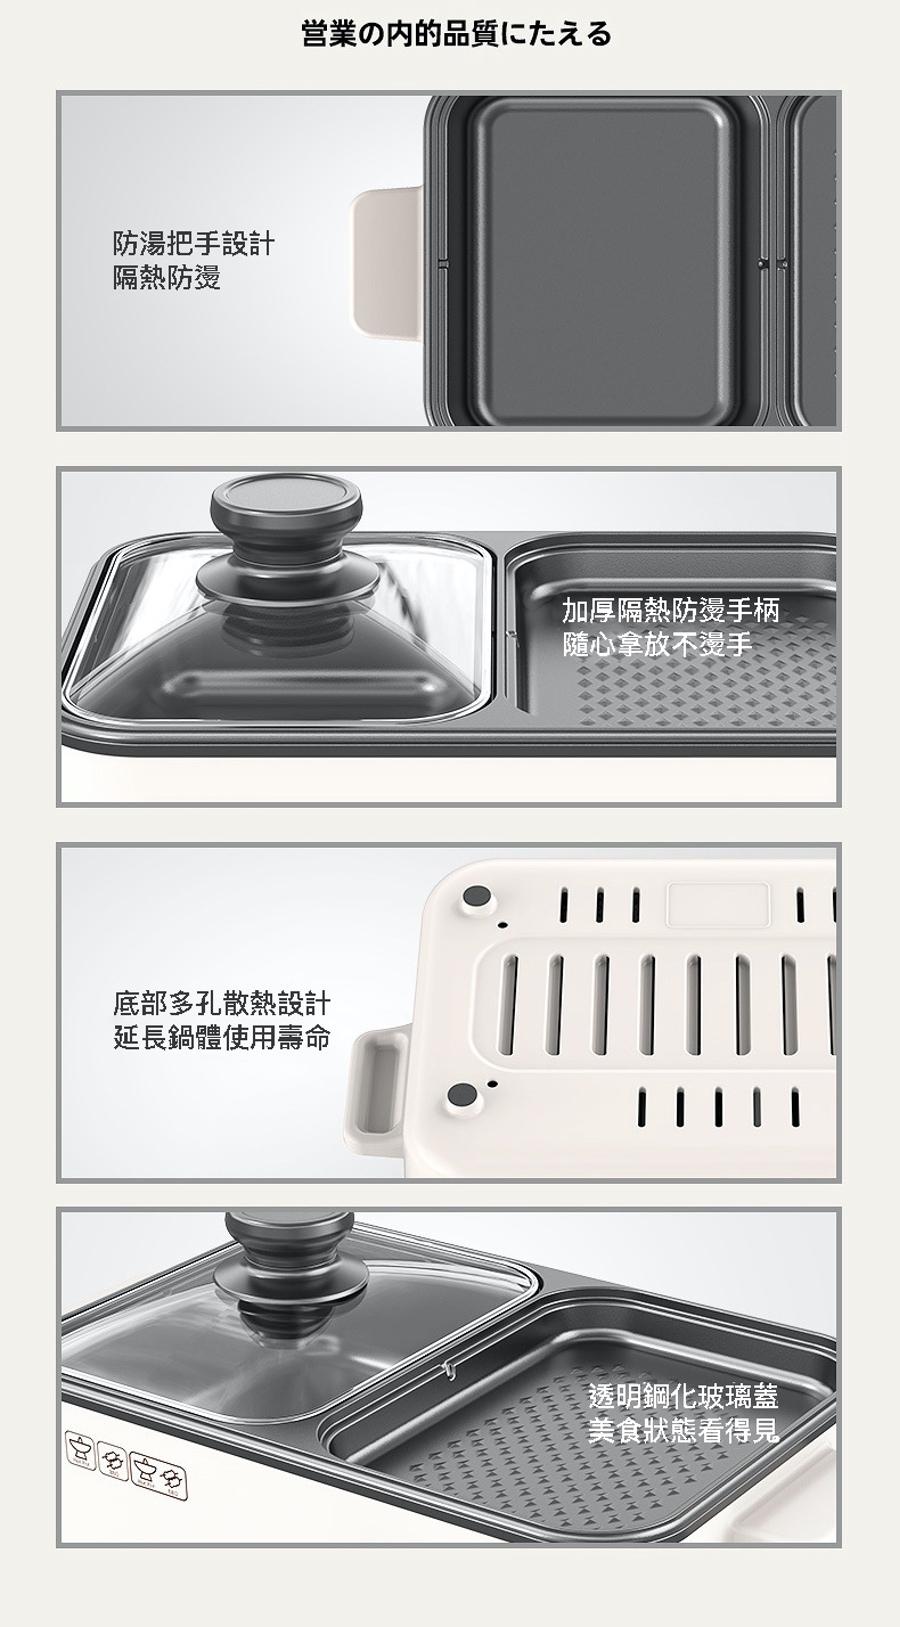 小型多功能兩用料理鍋